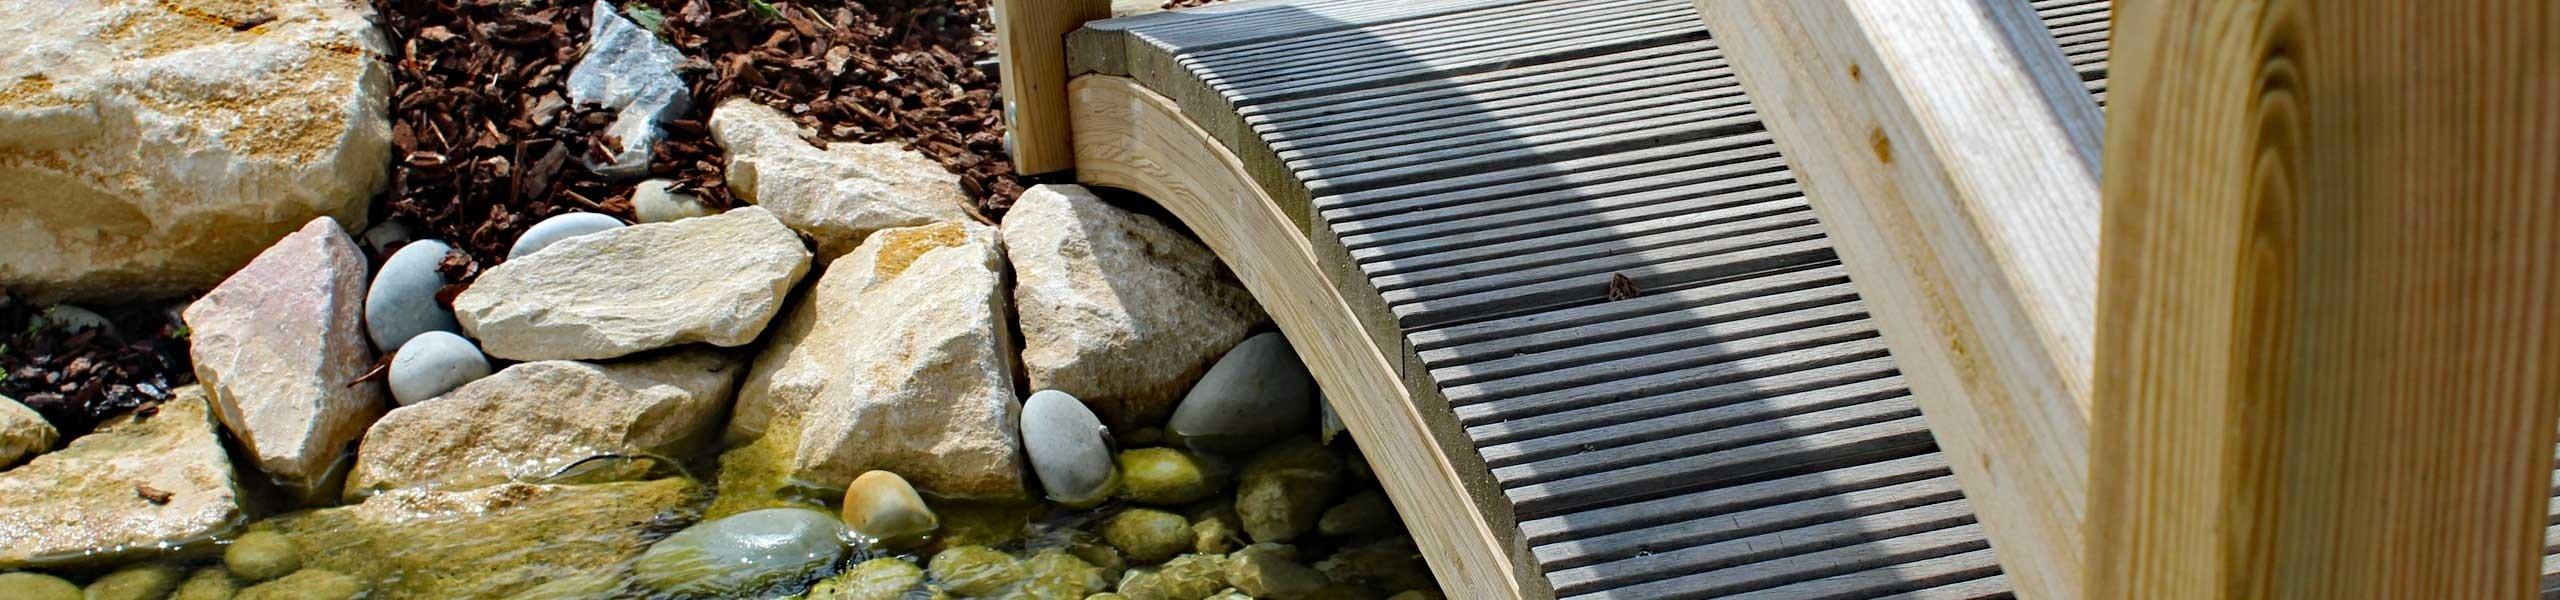 Passerelle rivière artificielle Sonofep